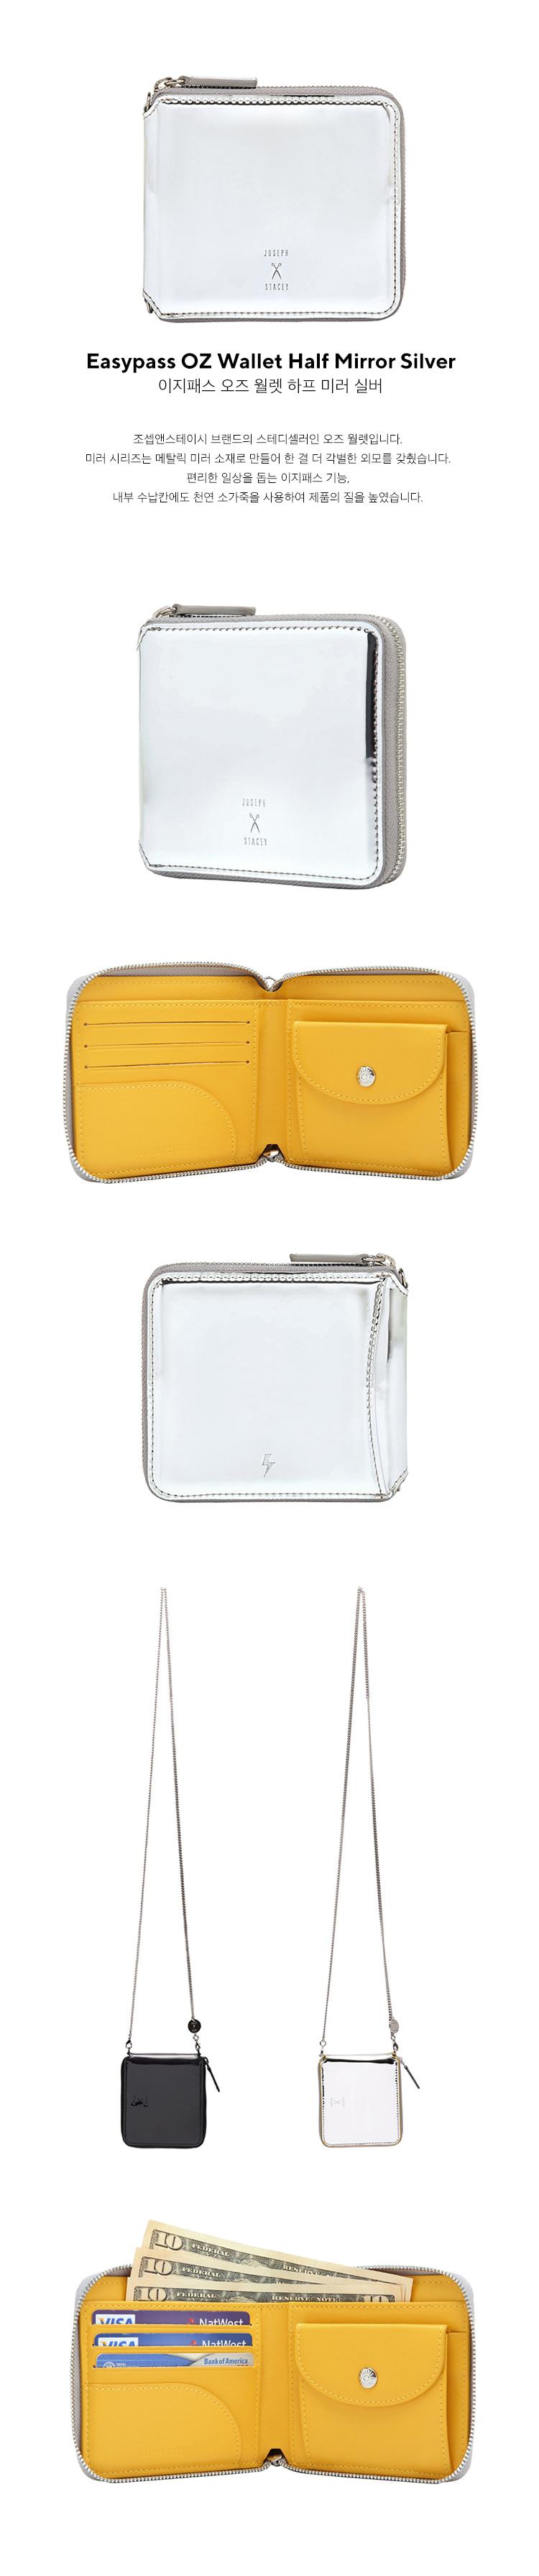 조셉앤스테이시(JOSEPH&STACEY) Easypass OZ Wallet Half Mirror Silver